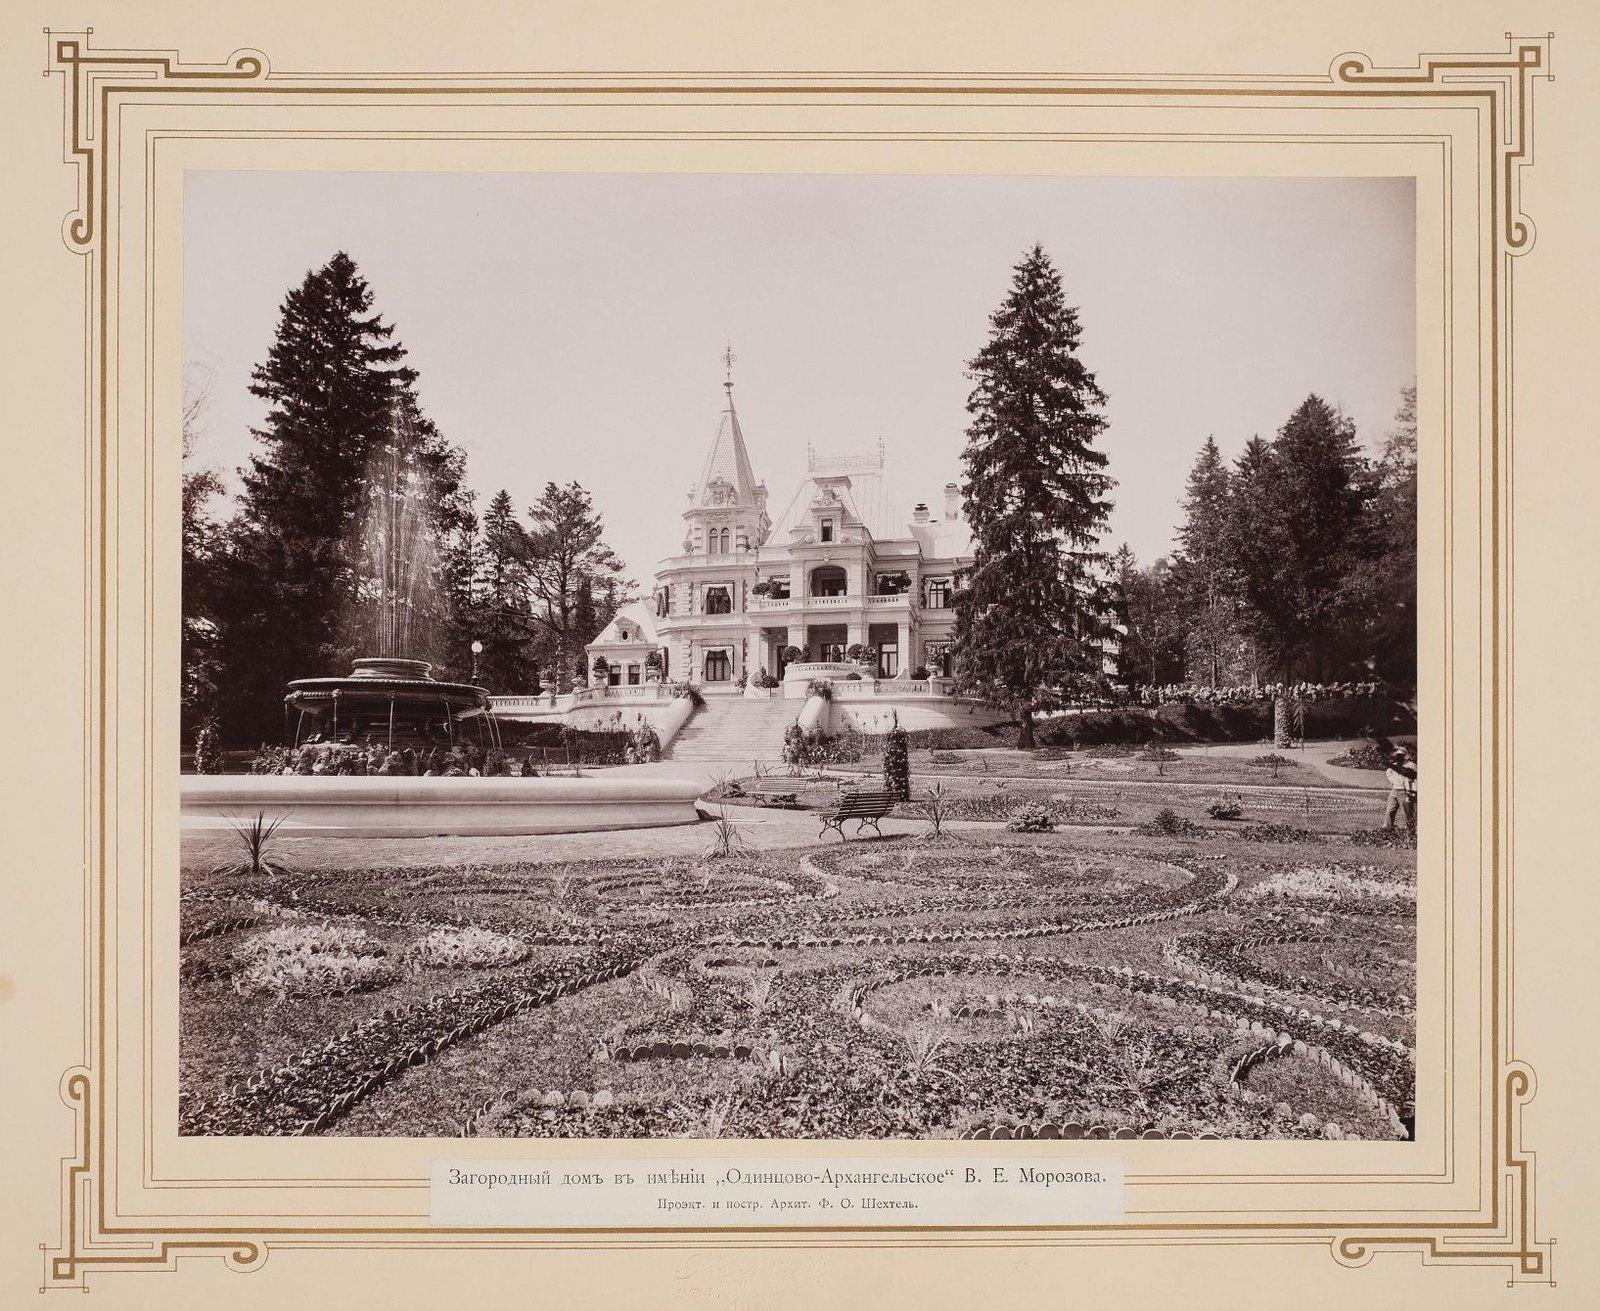 1894. Вид дома со стороны партера в Одинцово-Архангельском